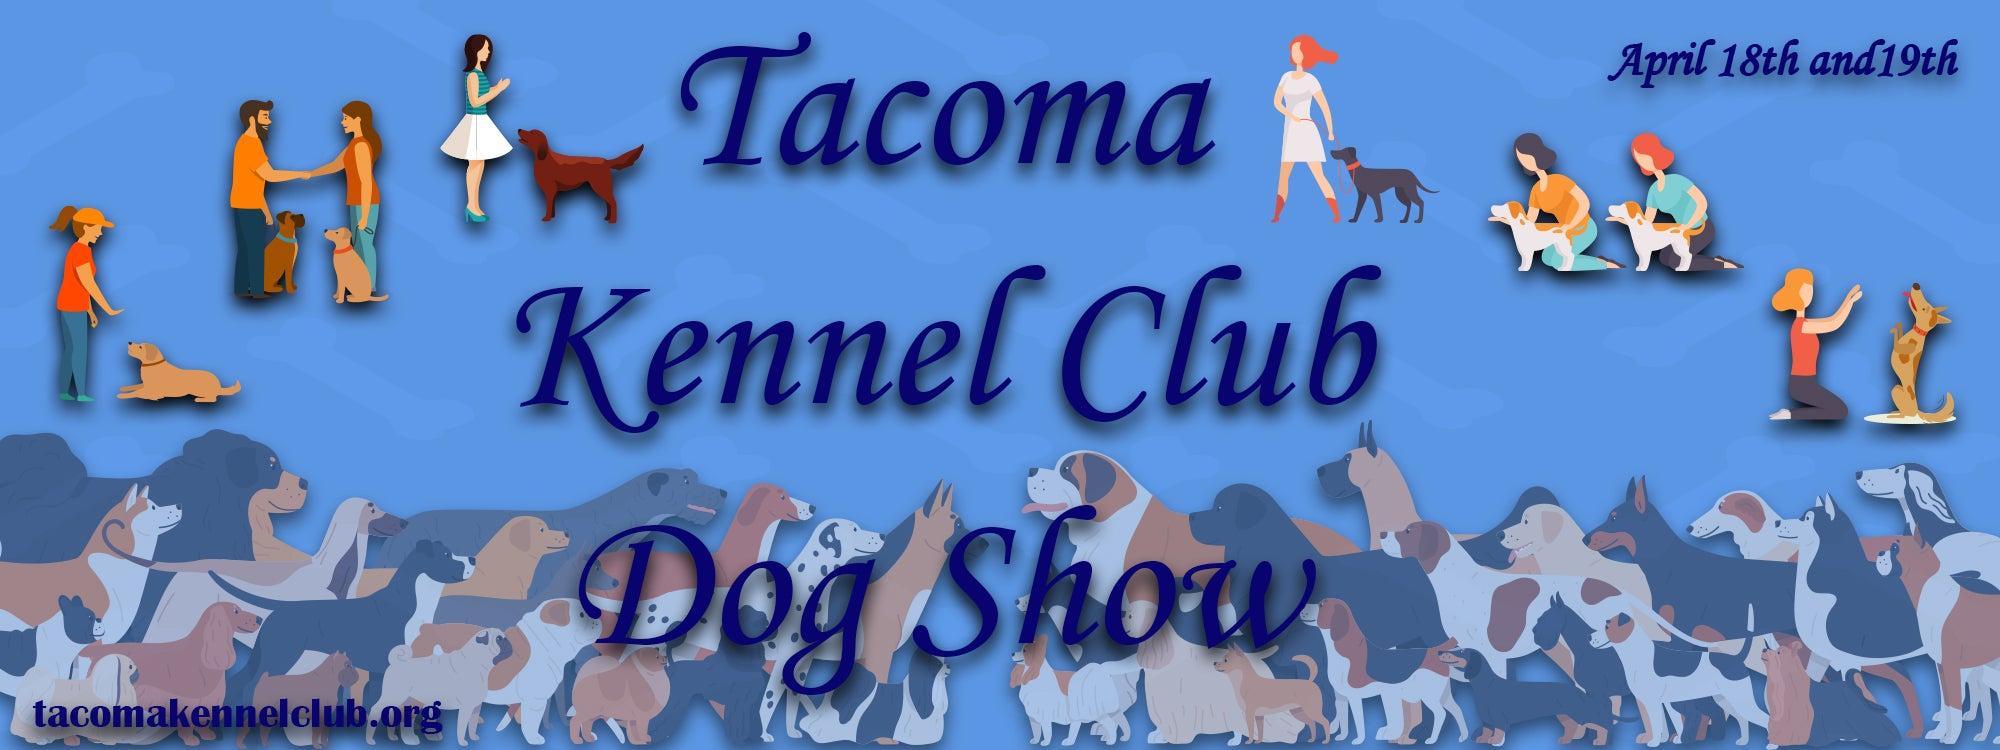 Tacoma Kennel Club